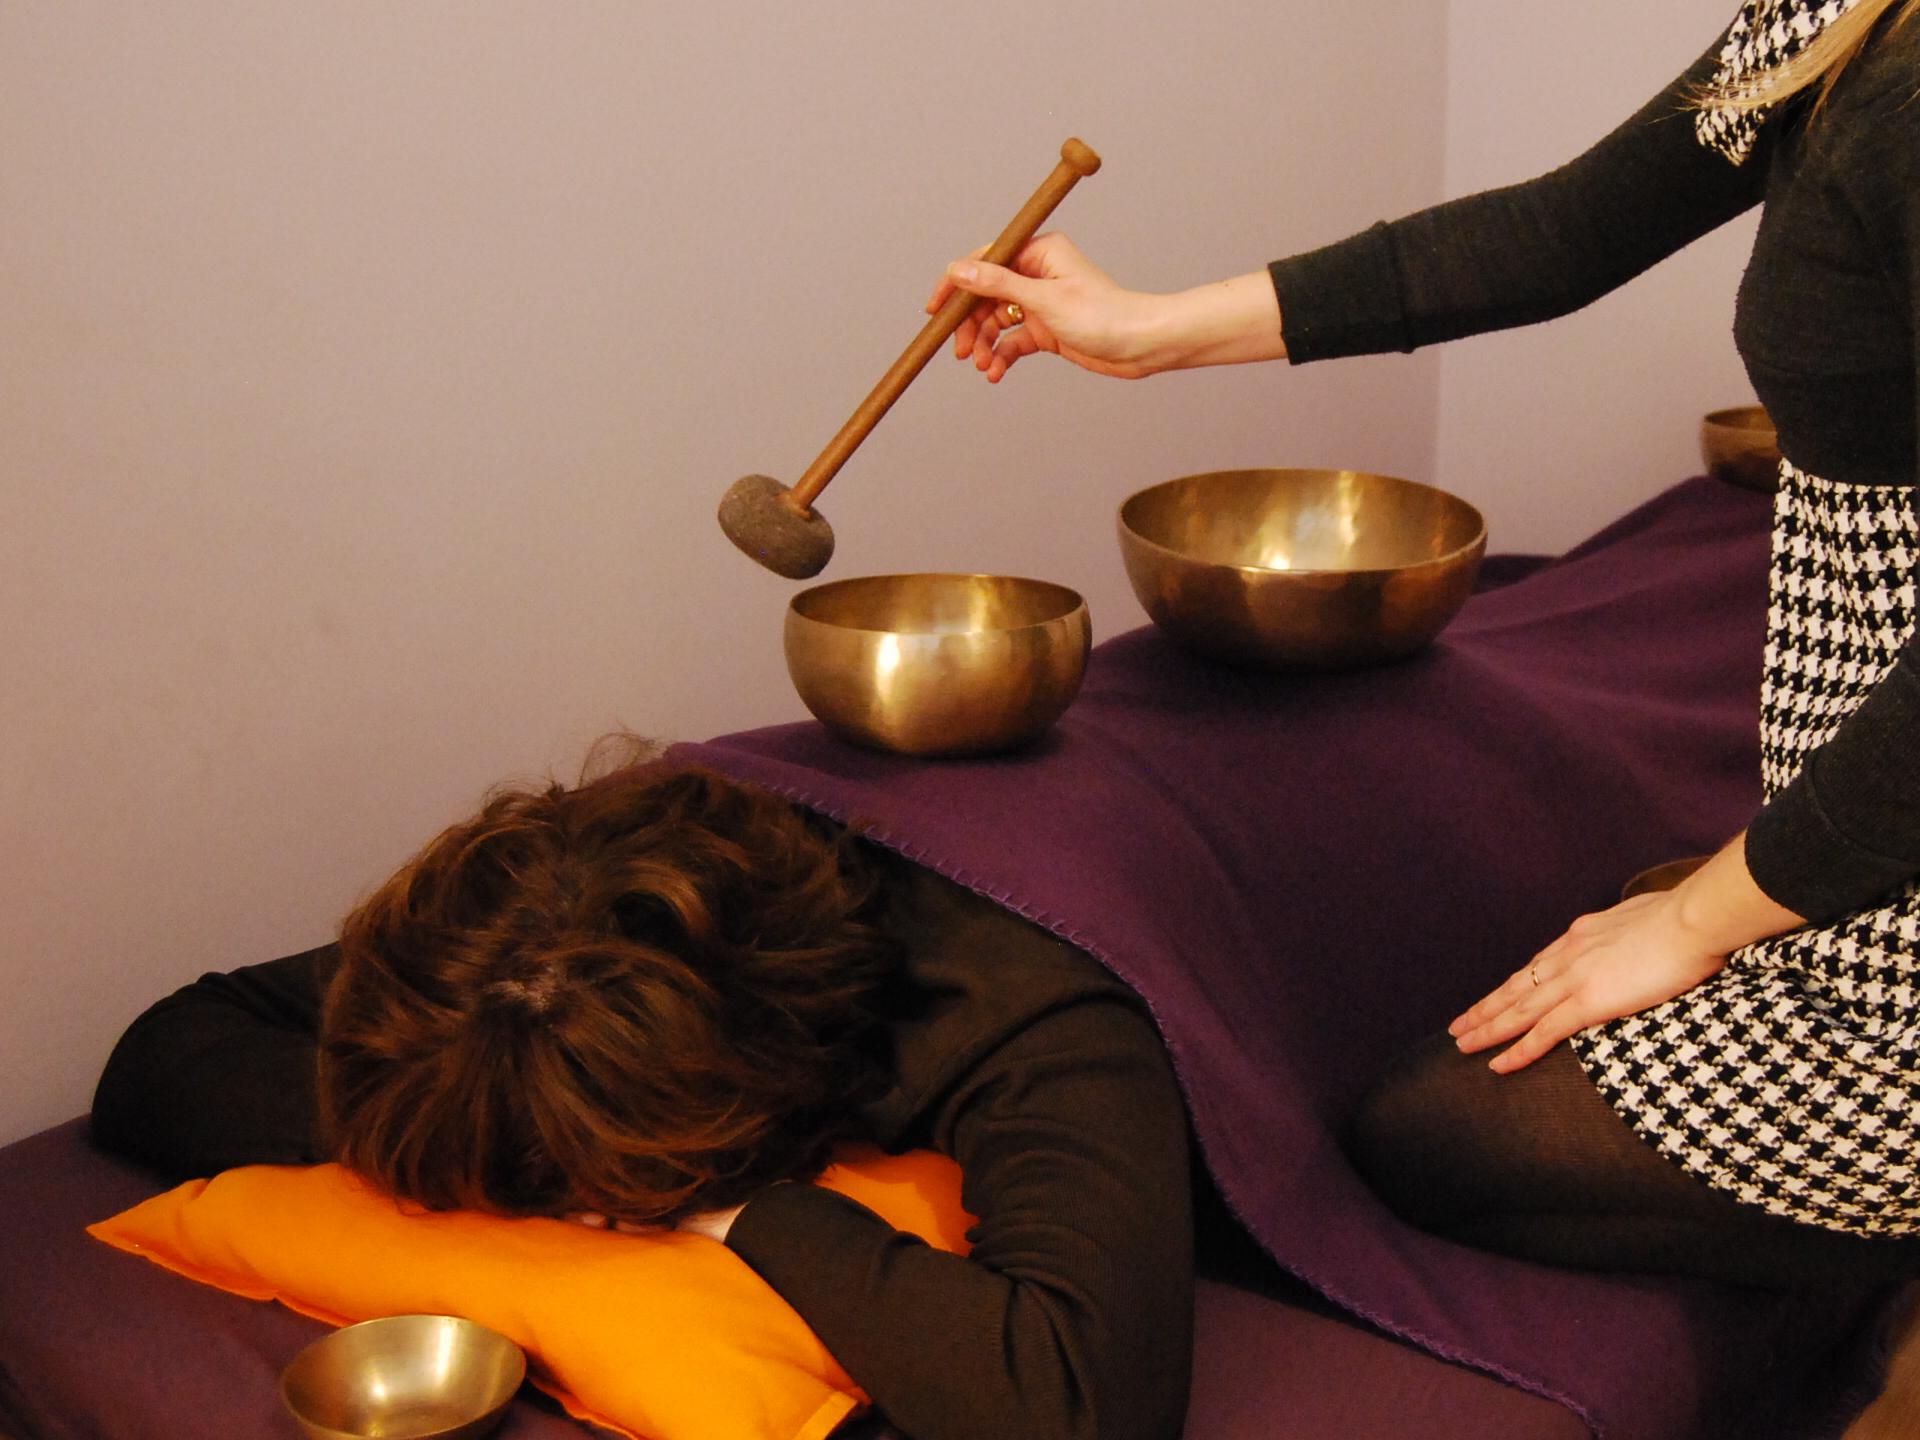 masaż dźwiękiem kręgosłupa